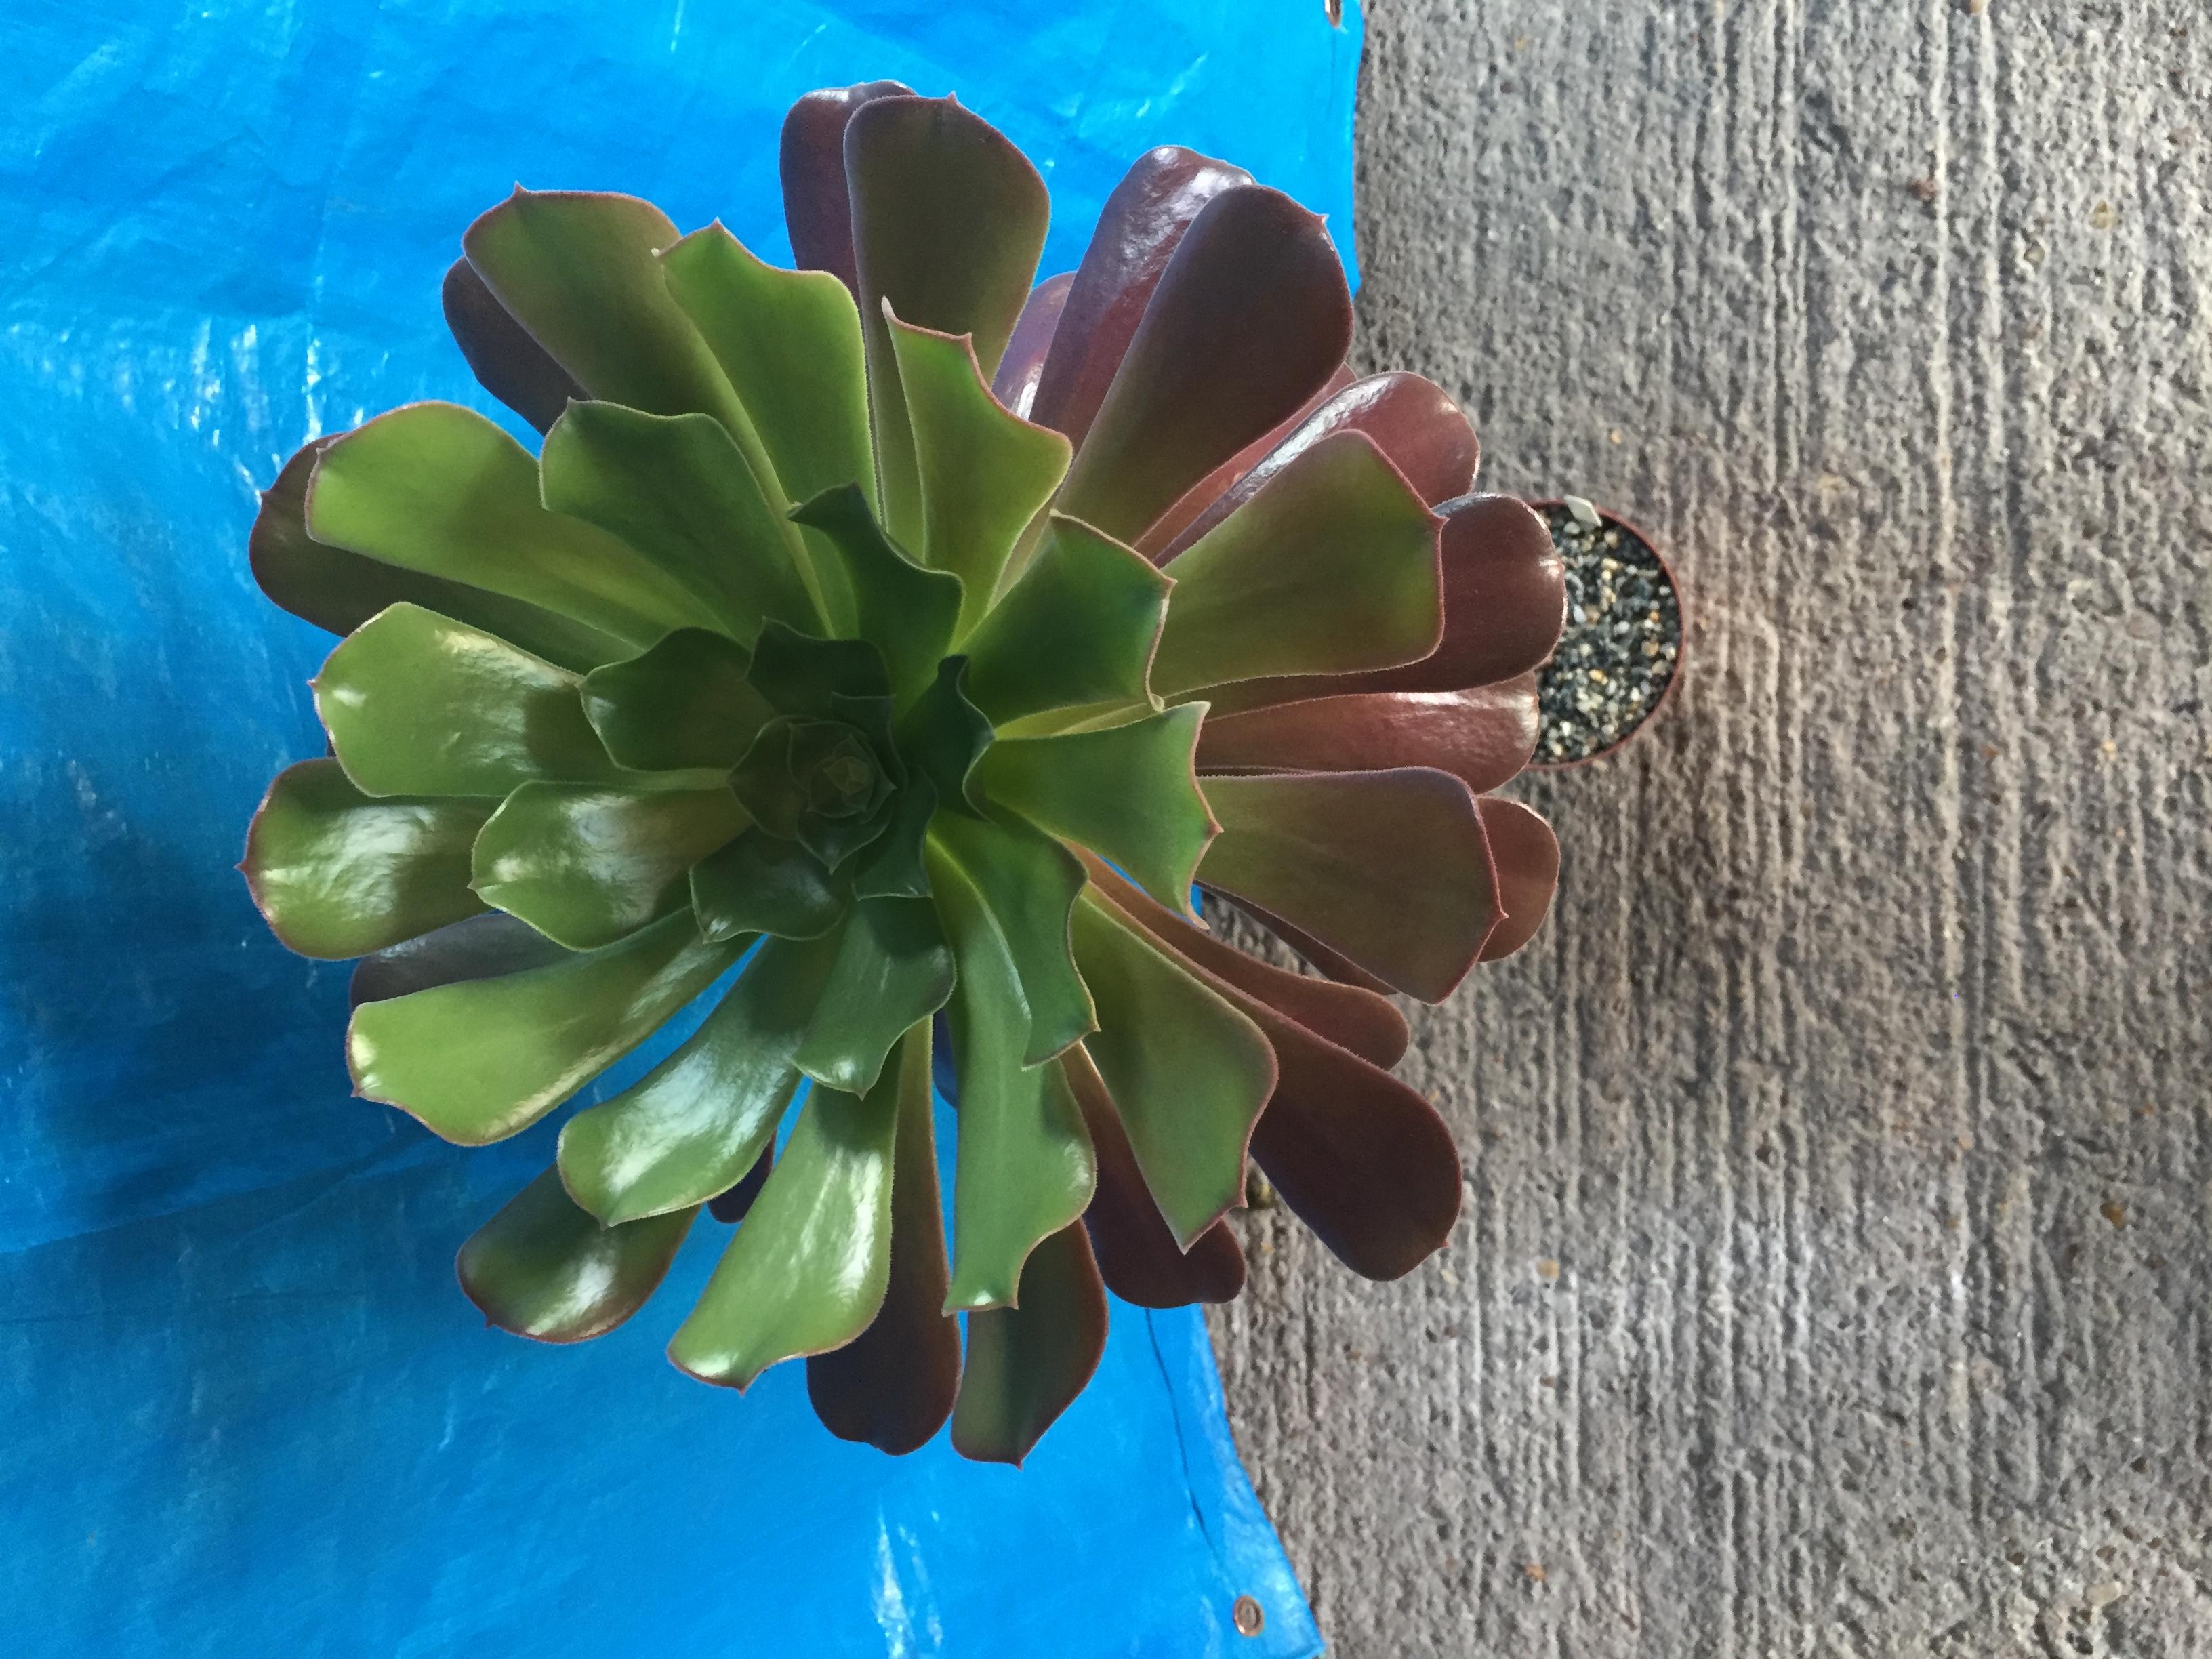 A cactus or succulent pot plant